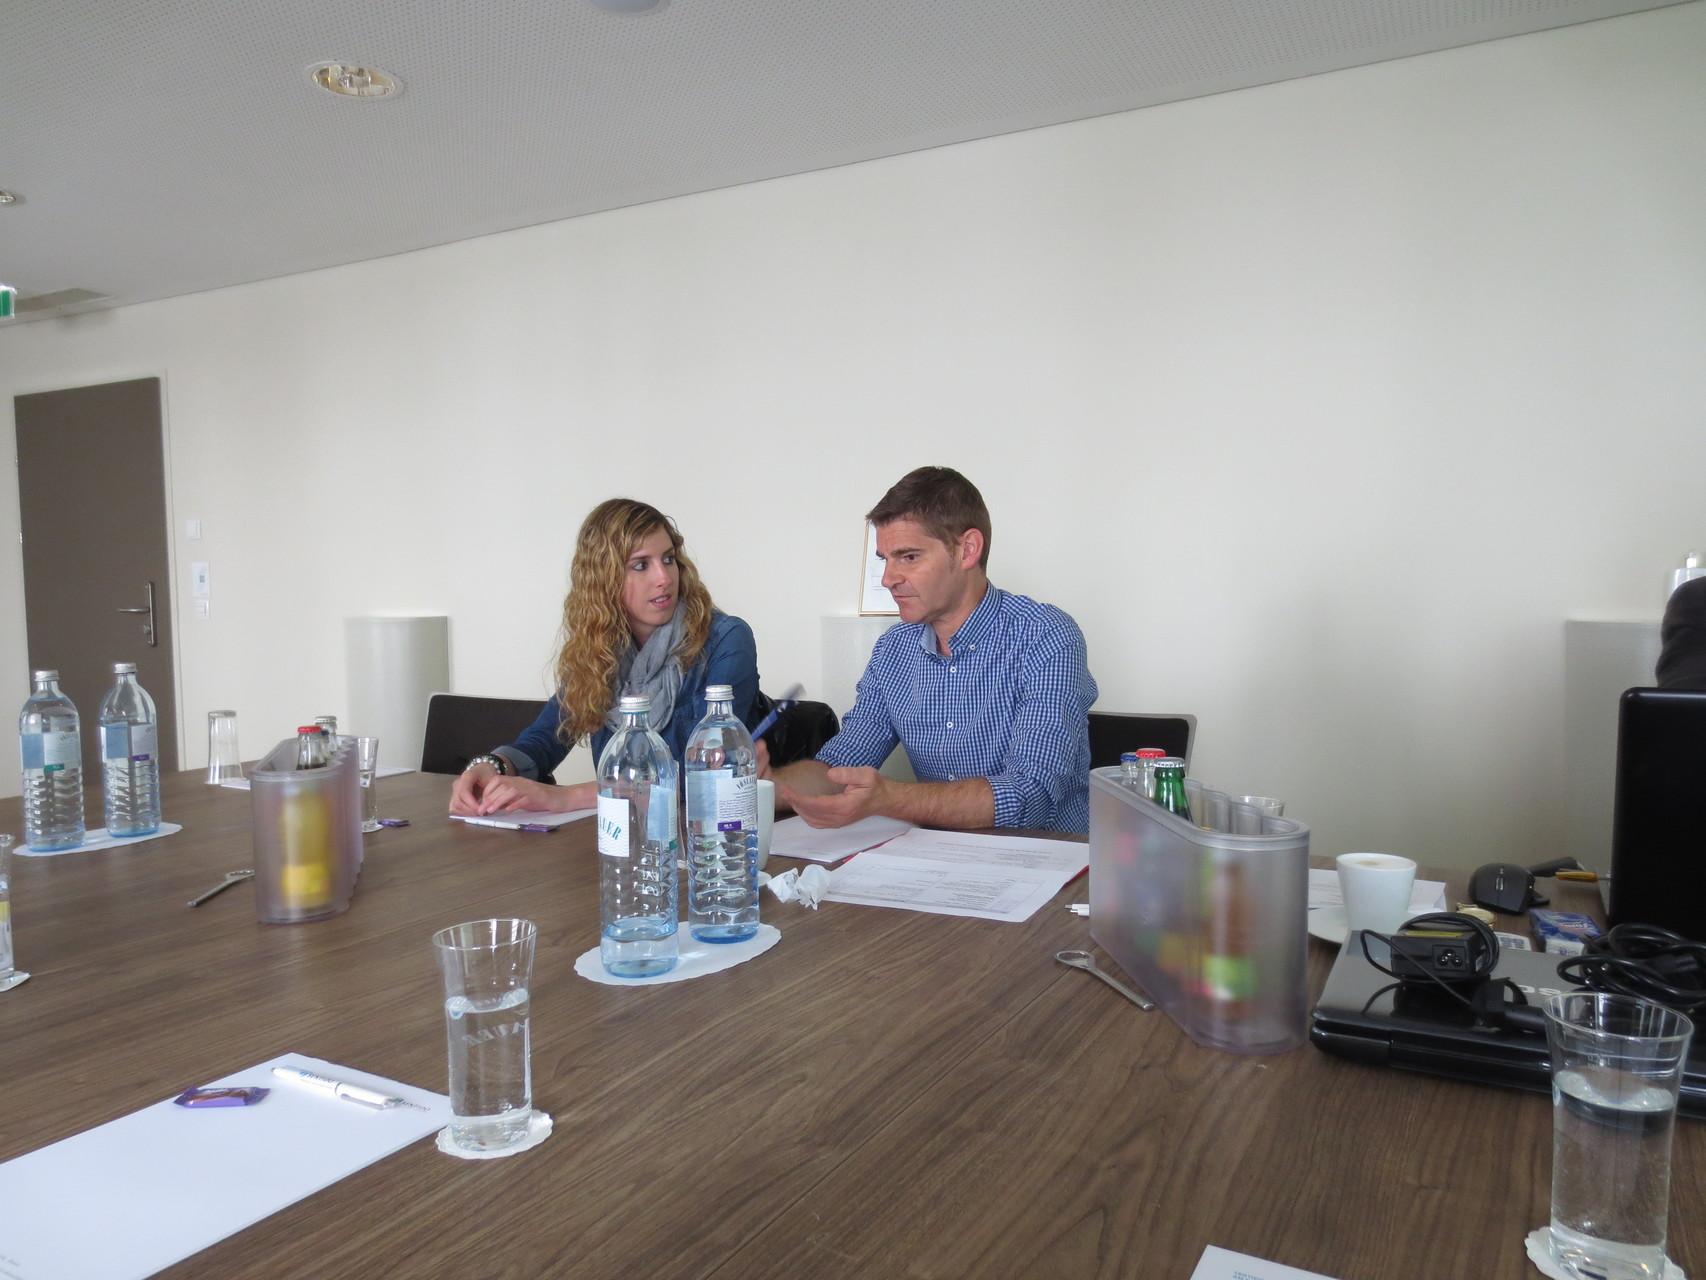 Seehotel Hotel am Kaiserstrand: Kurz vor Beginn der 5. Hauptversammlung des VDSV (im Bild - v.l.n.r. - Sandra Niederberger und Corrado Oberto)